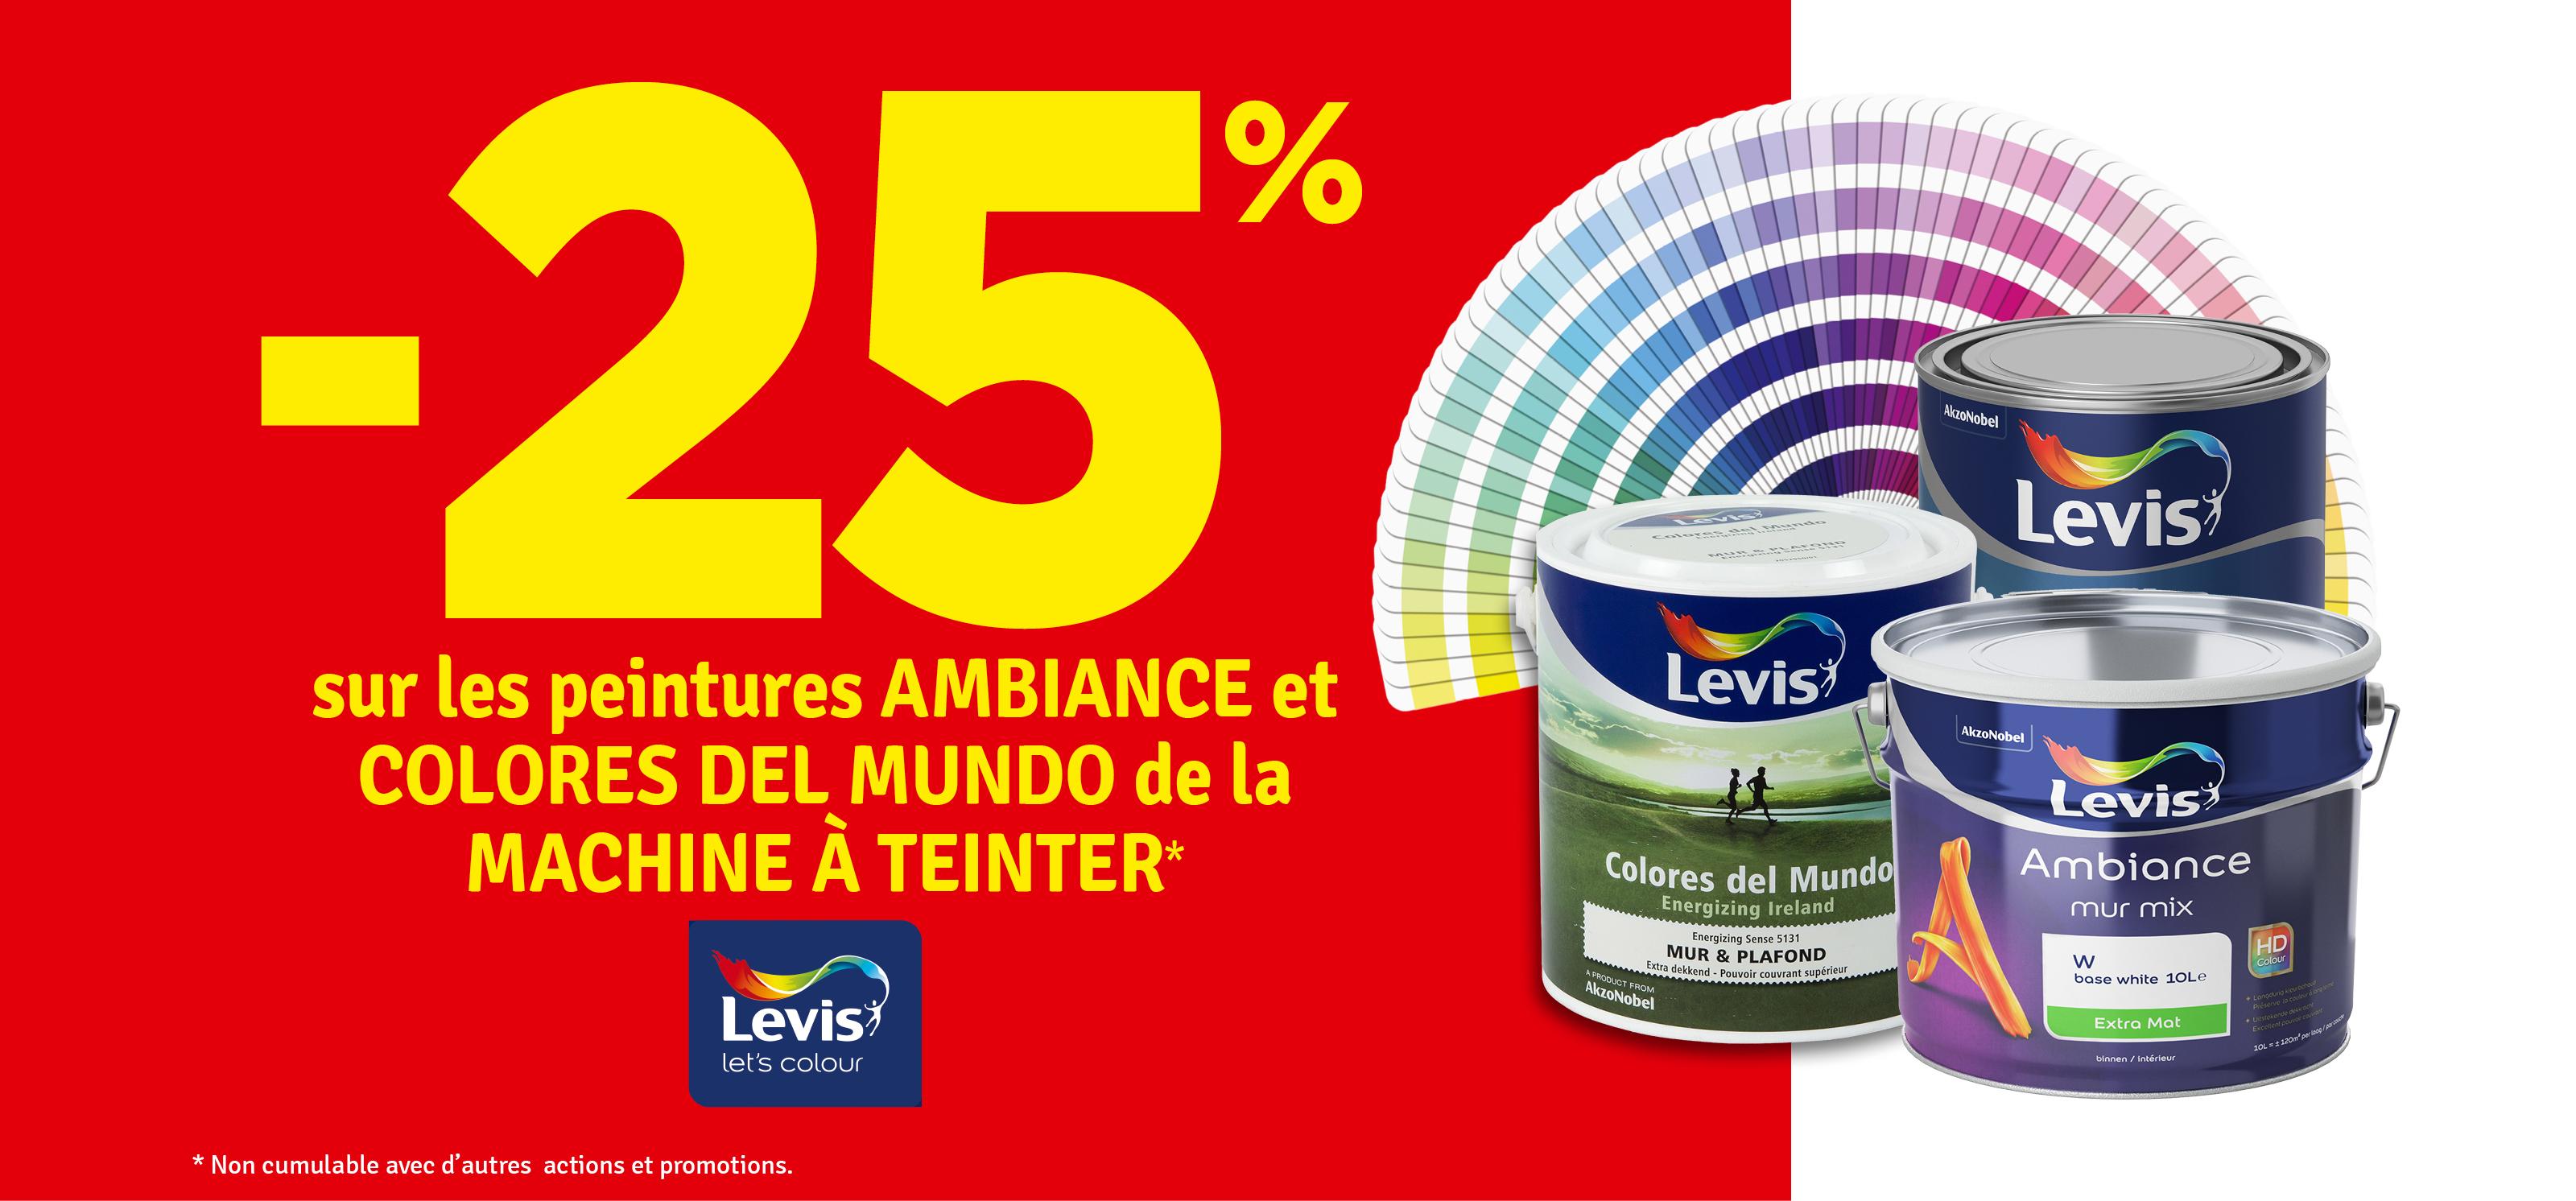 Promo - -25 % sur les peinture Ambiance et Colores del Mundo LEVIS